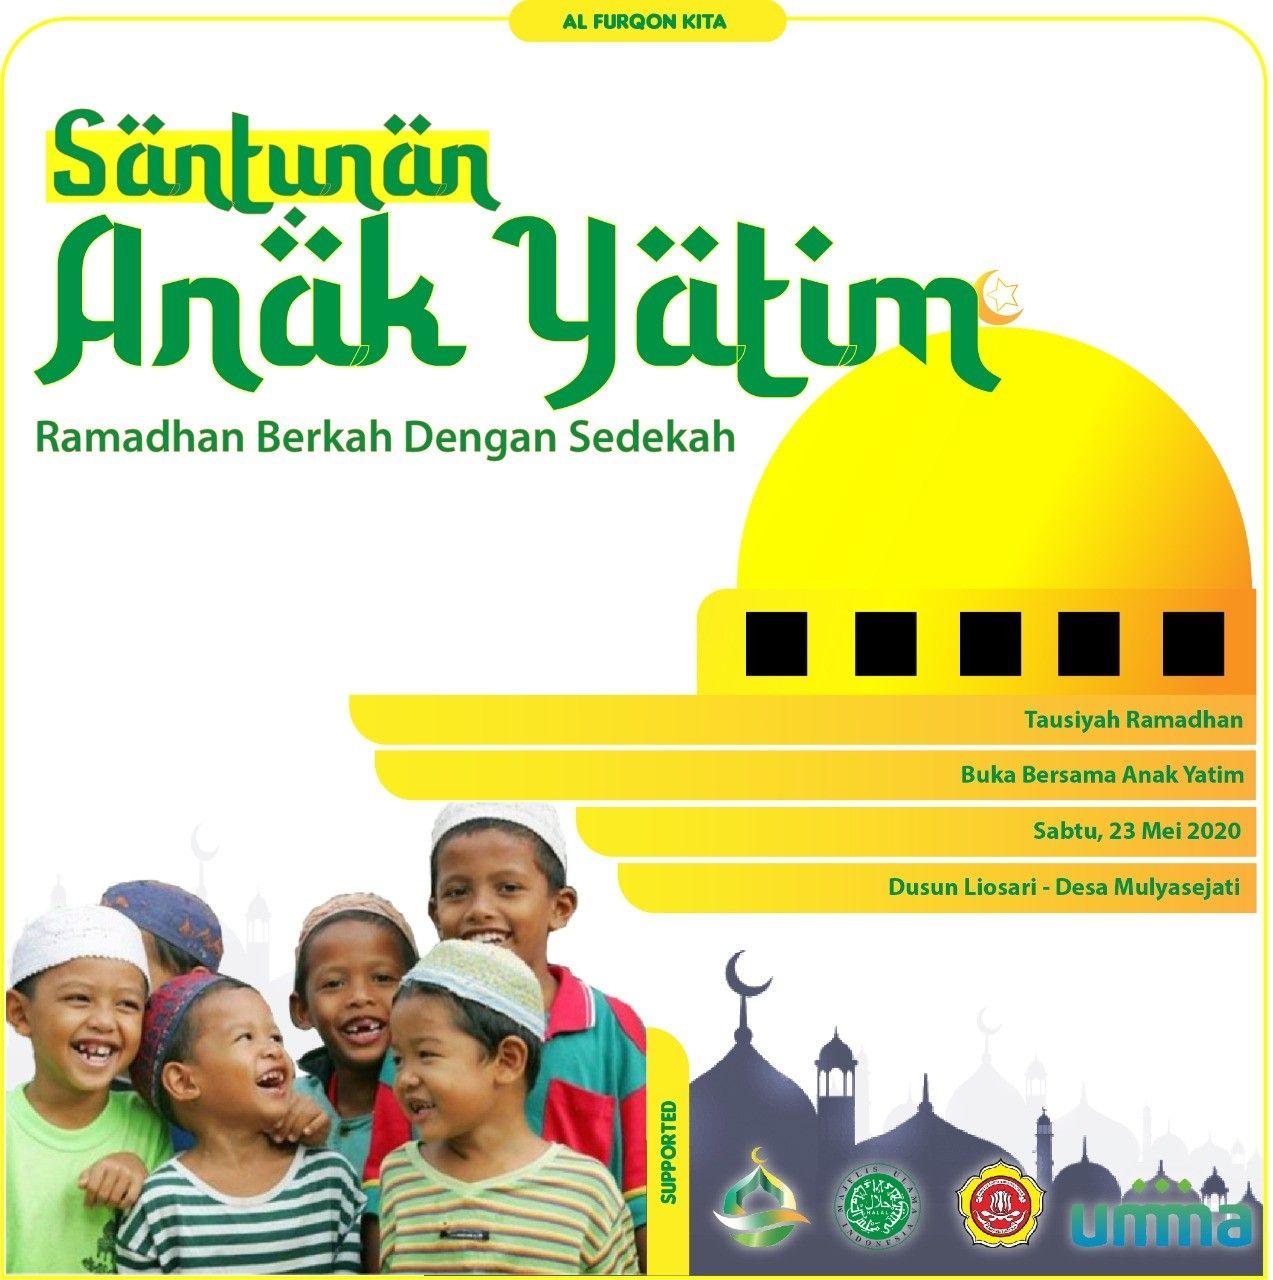 Santunan Yatim   Agama, Anak, Poster